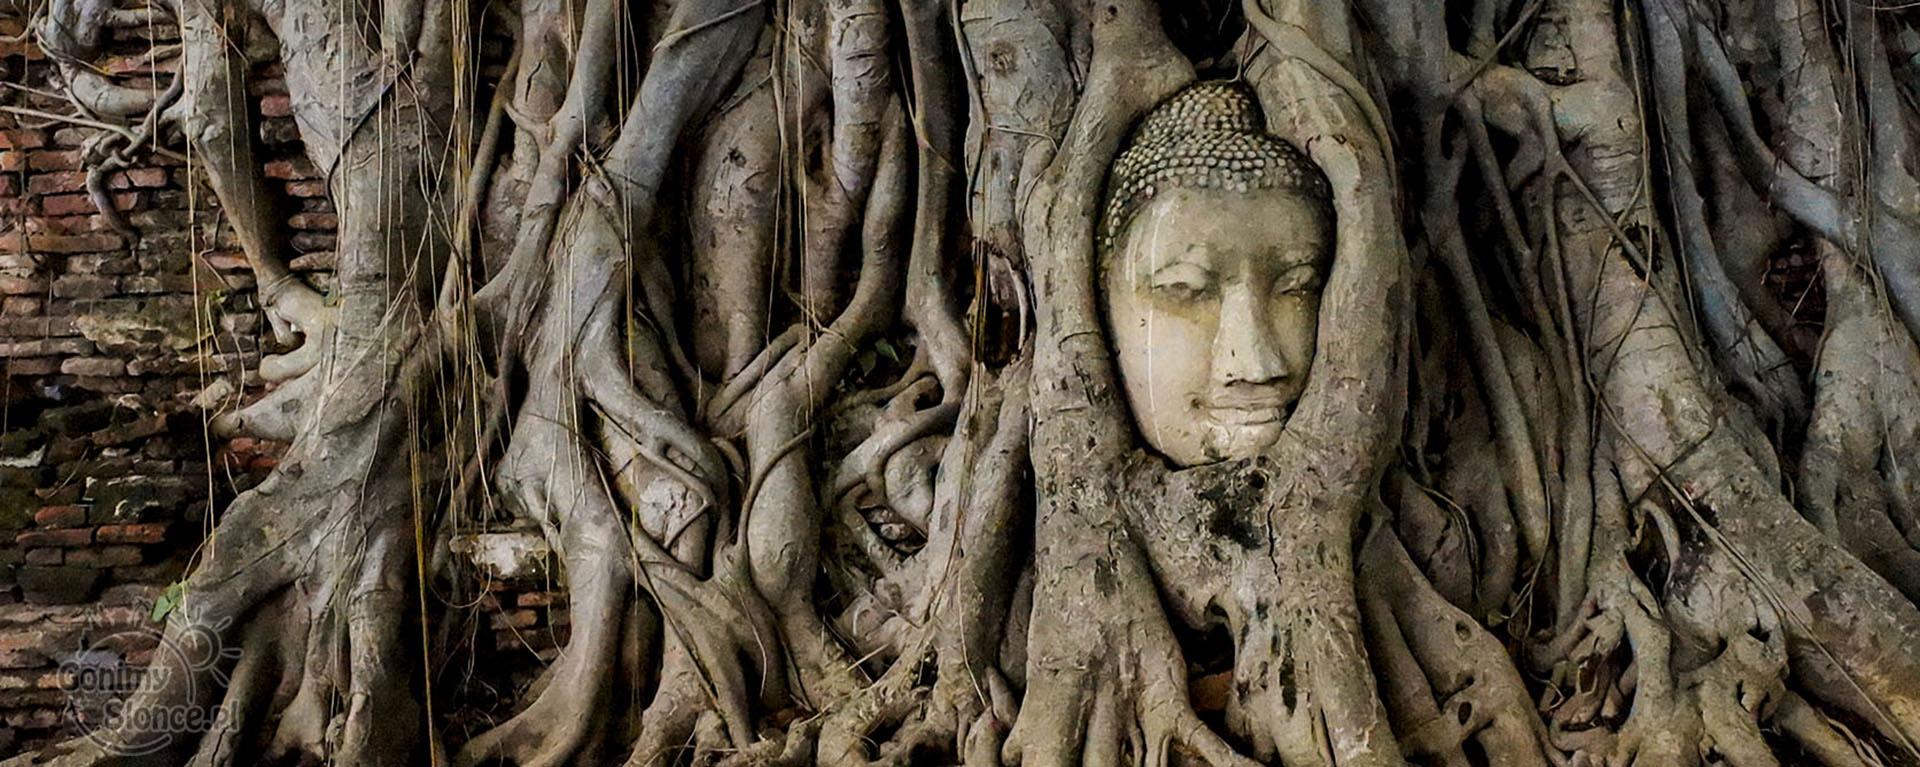 Ayutthaya Głowa w konarach drzewa, Tajlandia - czy warto?